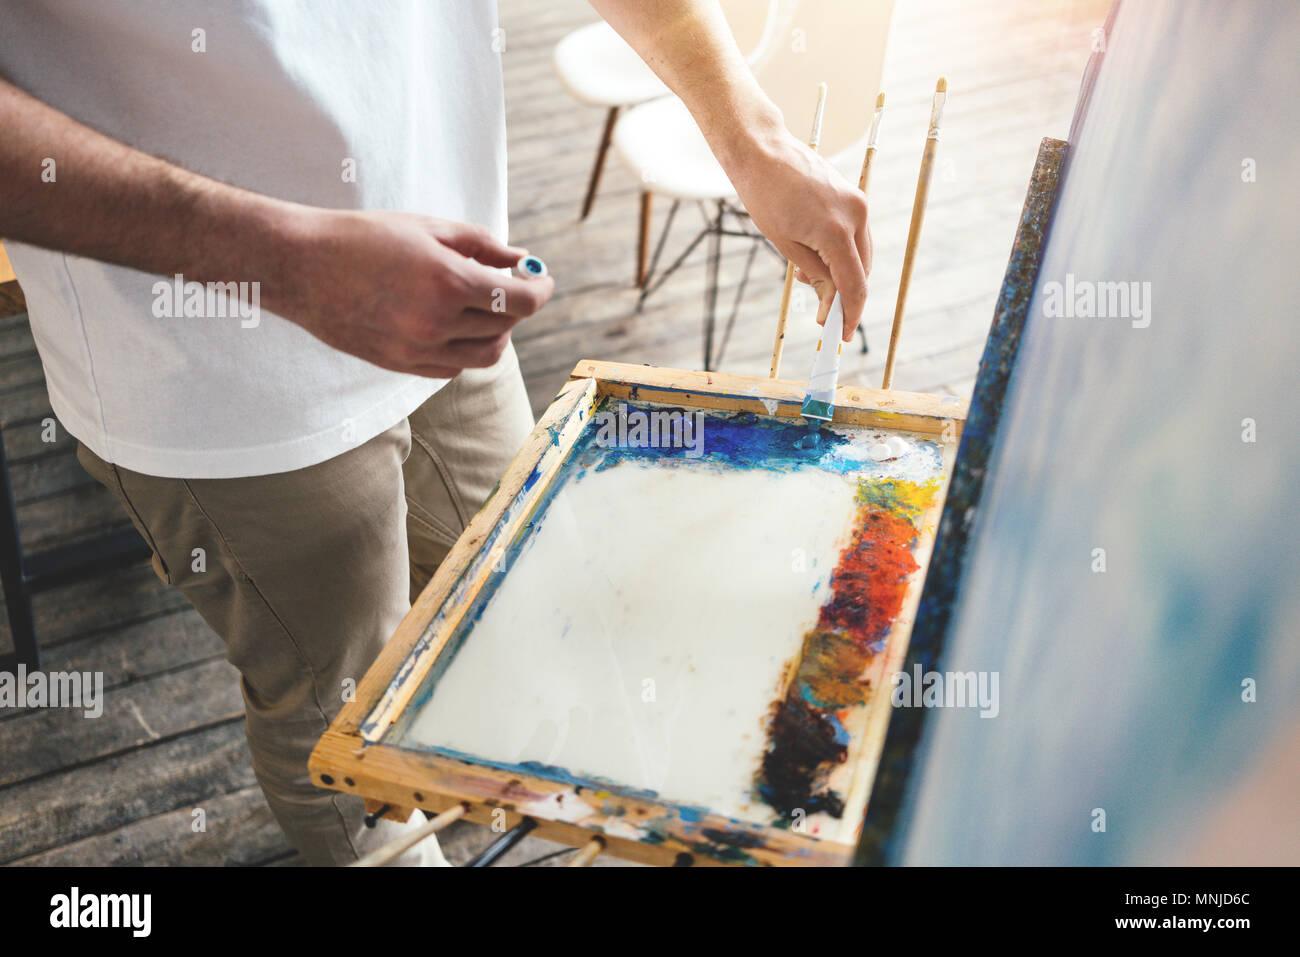 Les couleurs de peinture huile peintre mélange sur la palette en atelier. Les hommes à la lumière de l'artiste studio. Effet lens flare Photo Stock